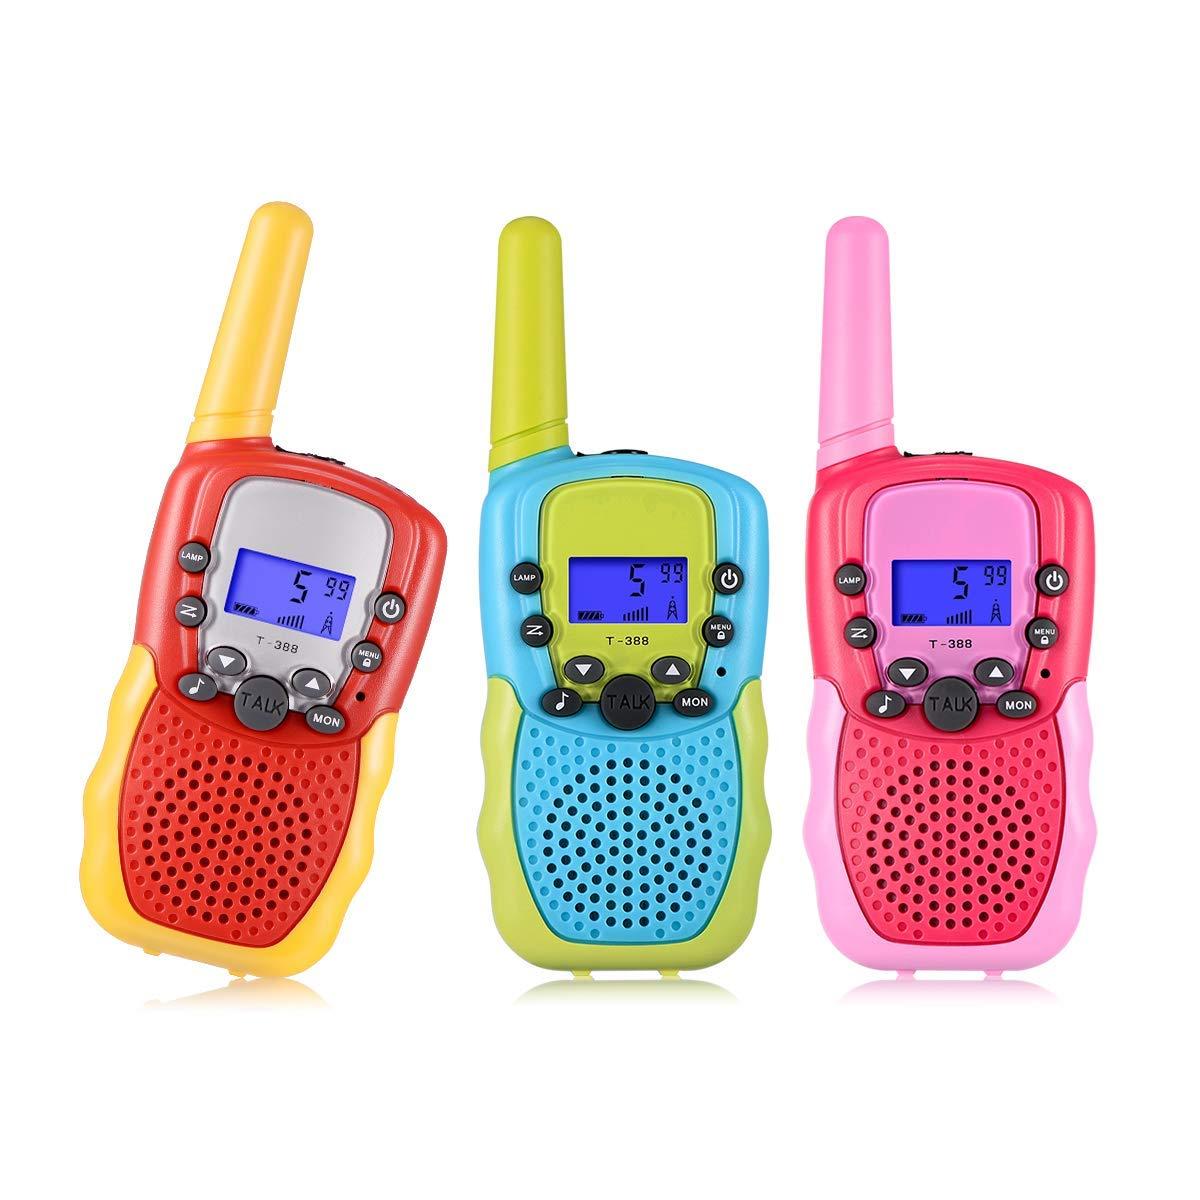 Walkies Talkies for Kids, Two Way Radios 4 Miles Handheld Mini Kids Walkie Talkies for Kids Toys by VERDUO (Image #3)